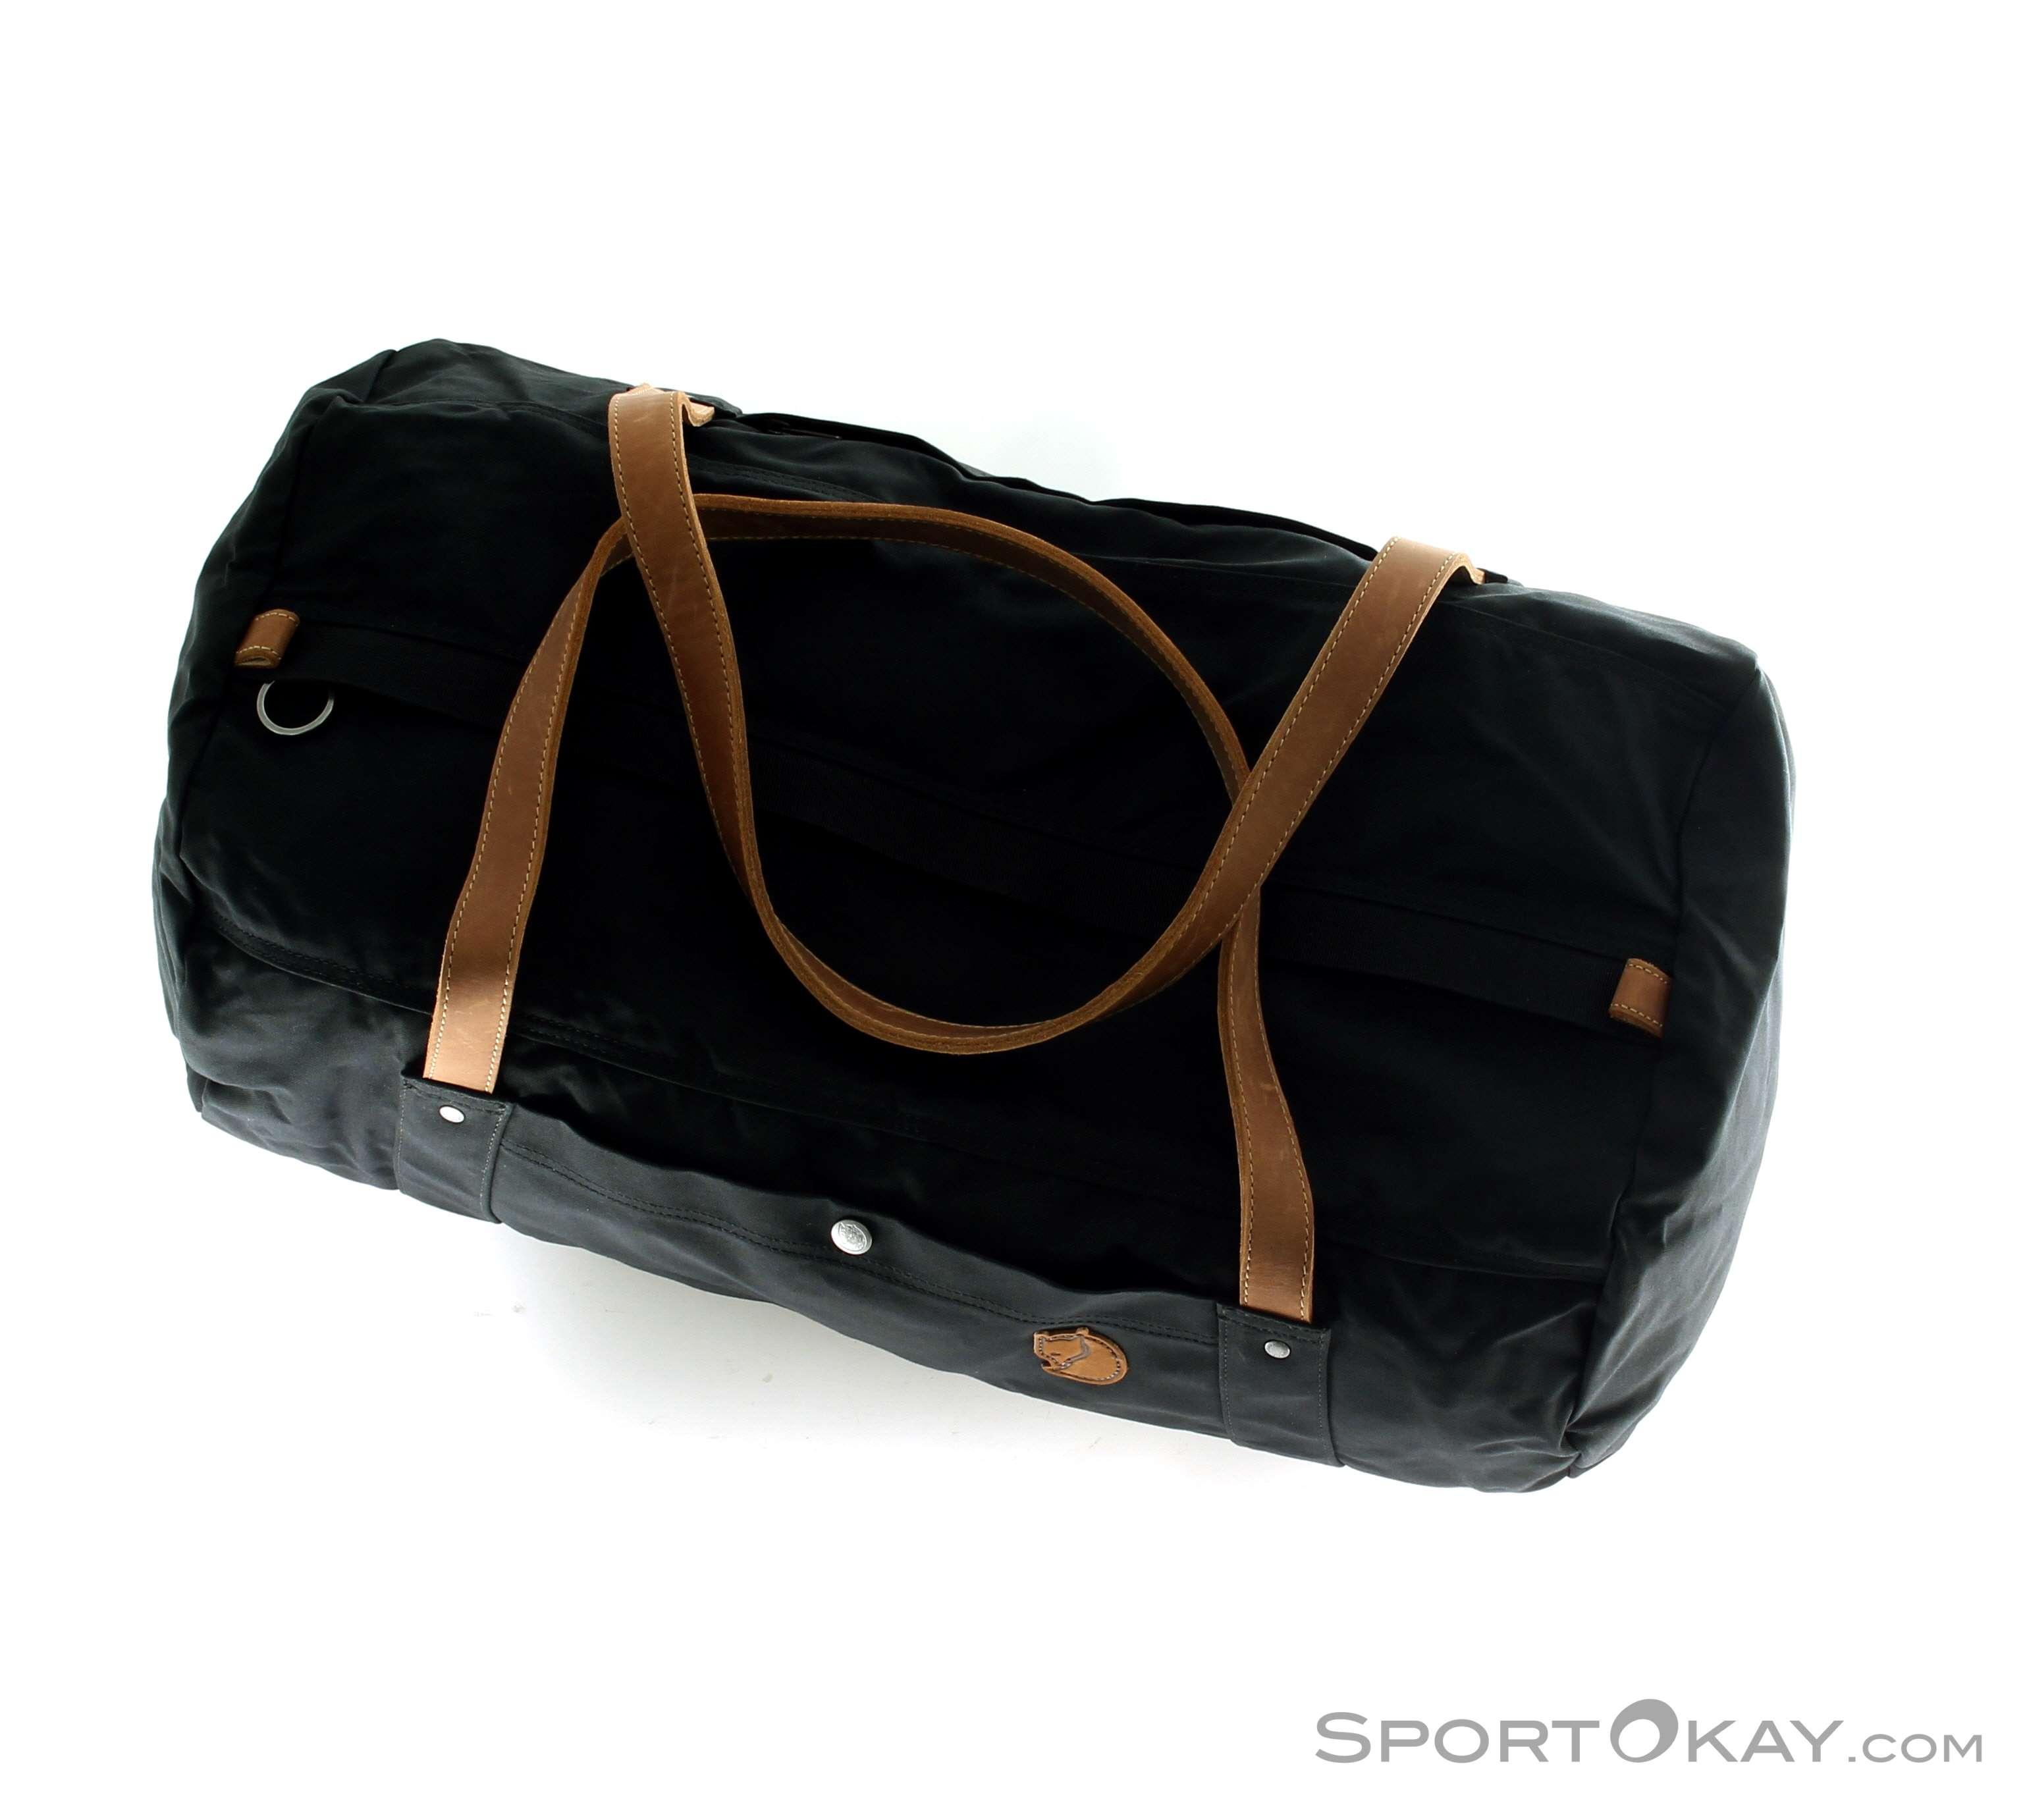 3e11a0007424 Fjällräven Duffel No. 4 Large 40l Bag - Bags - Leisure Bags ...